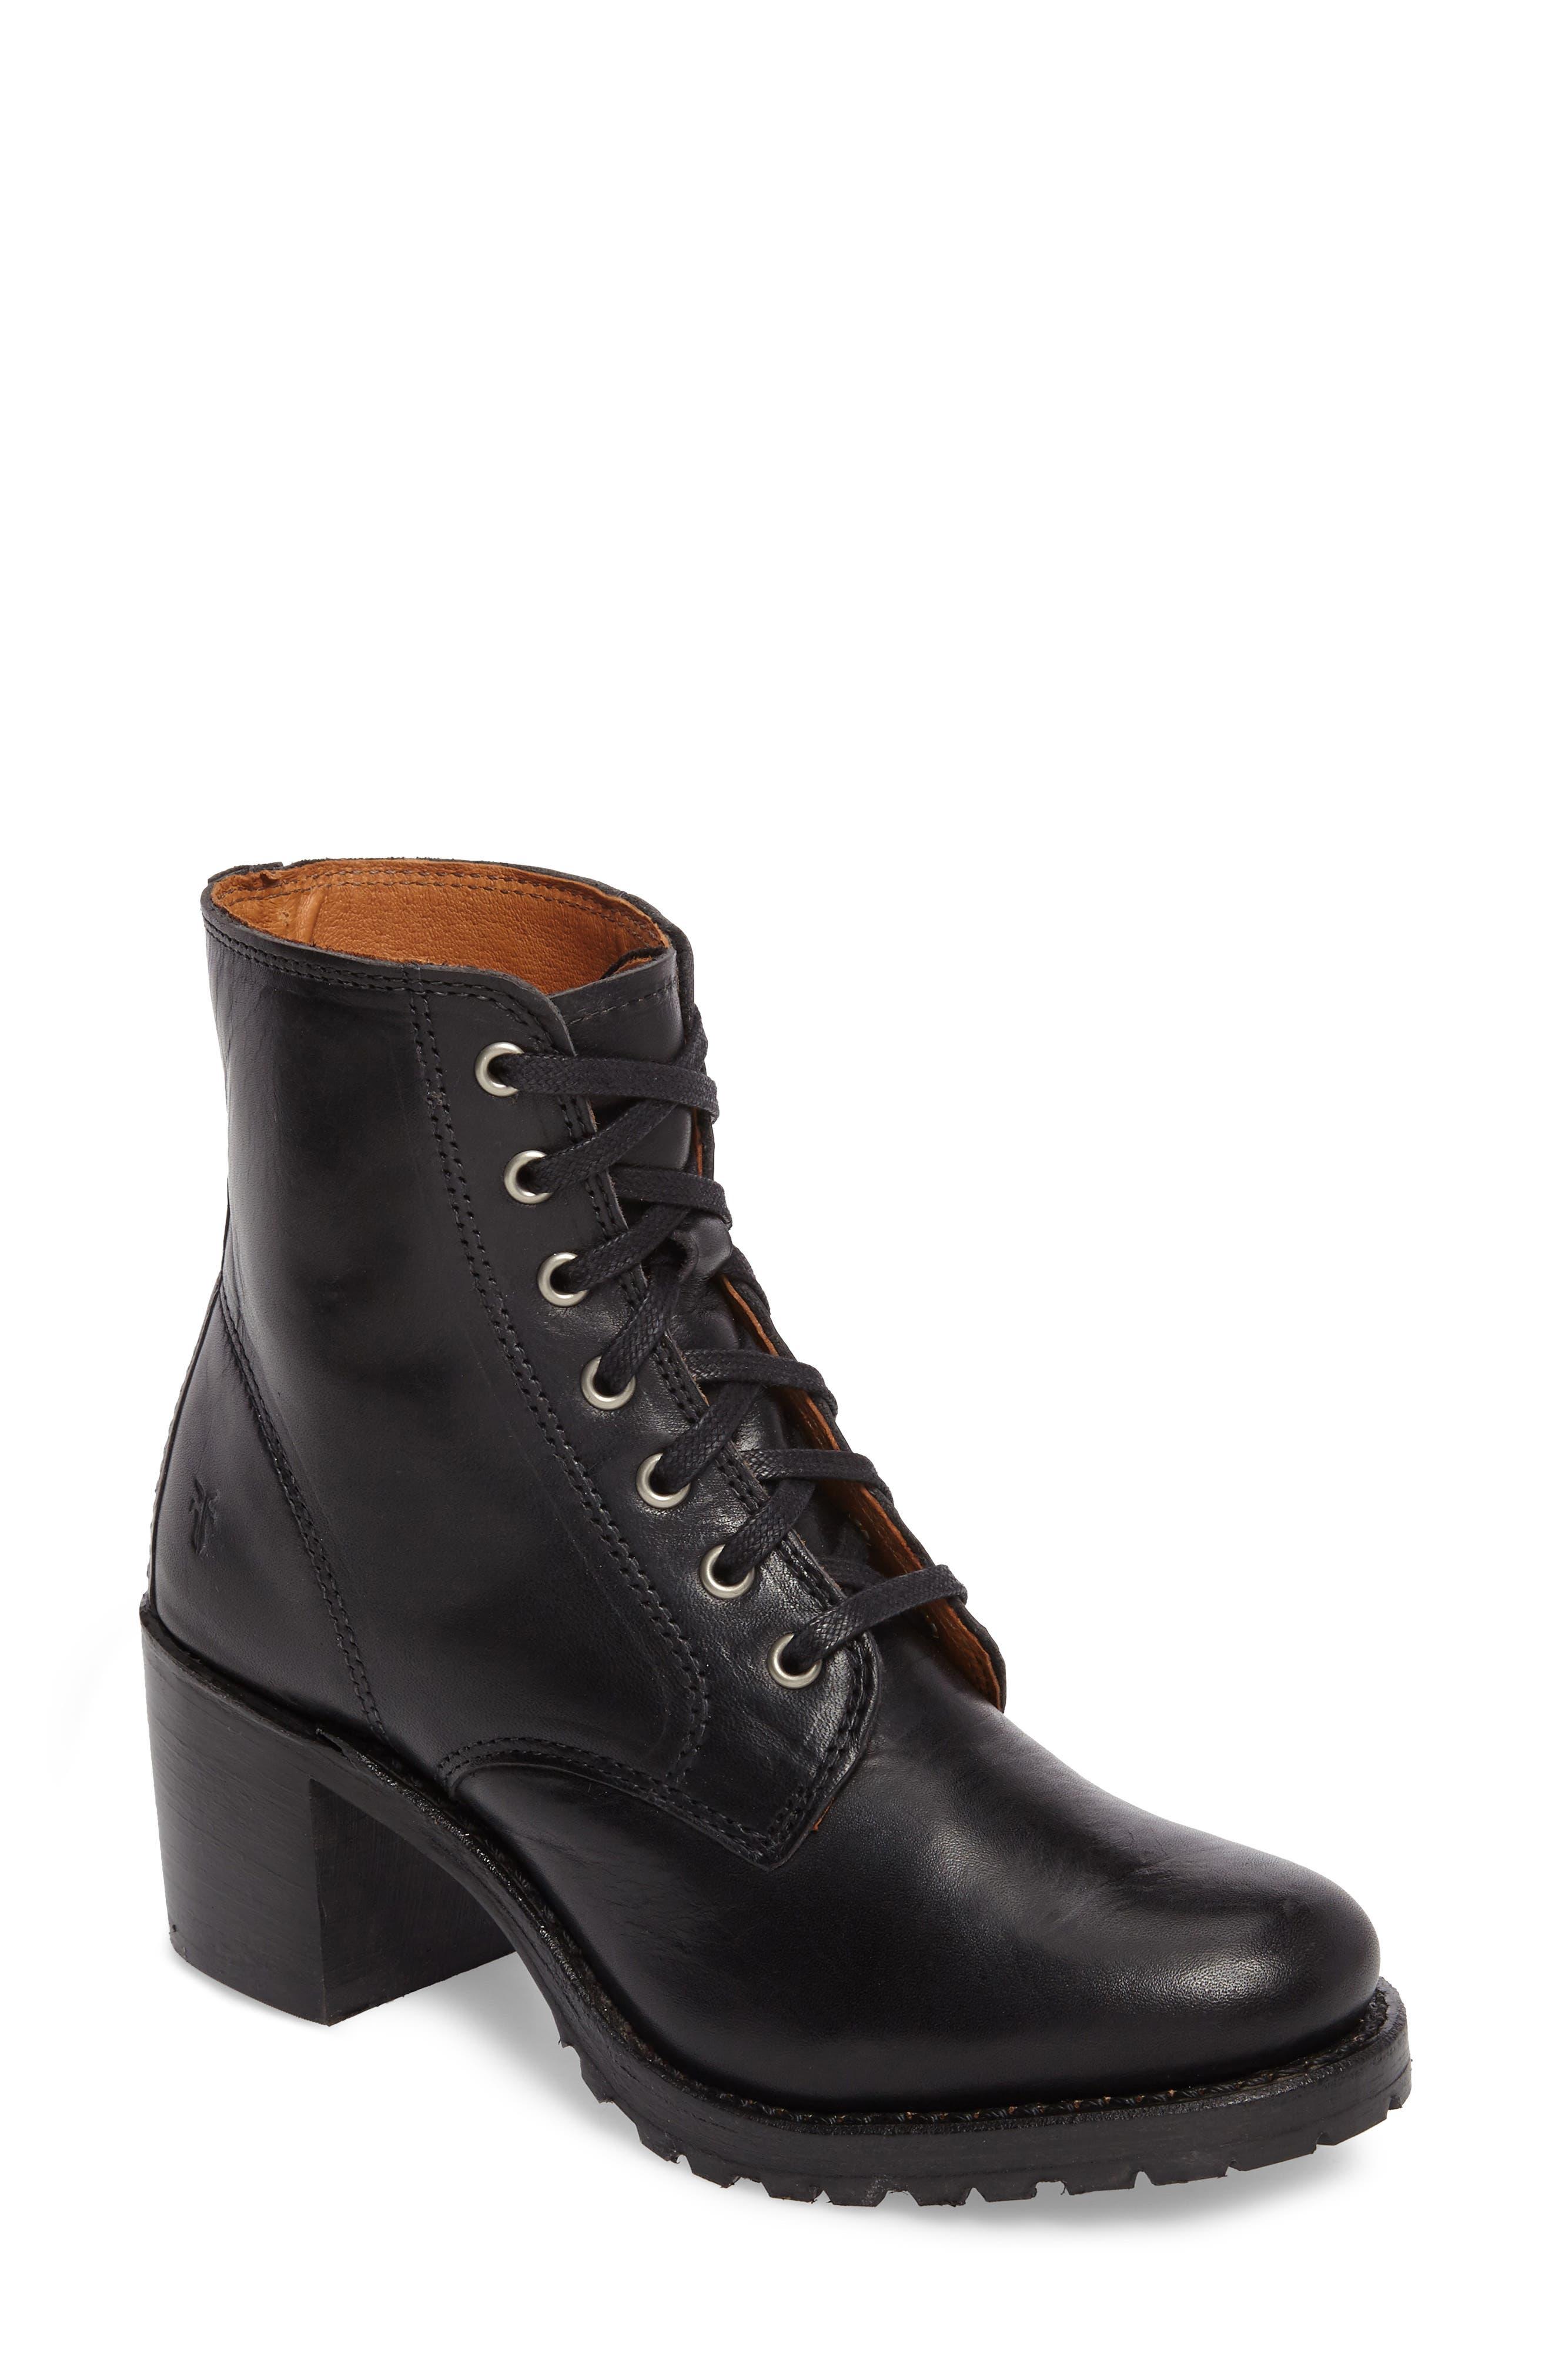 Sabrina 6G Lace-Up Boot, Main, color, BLACK